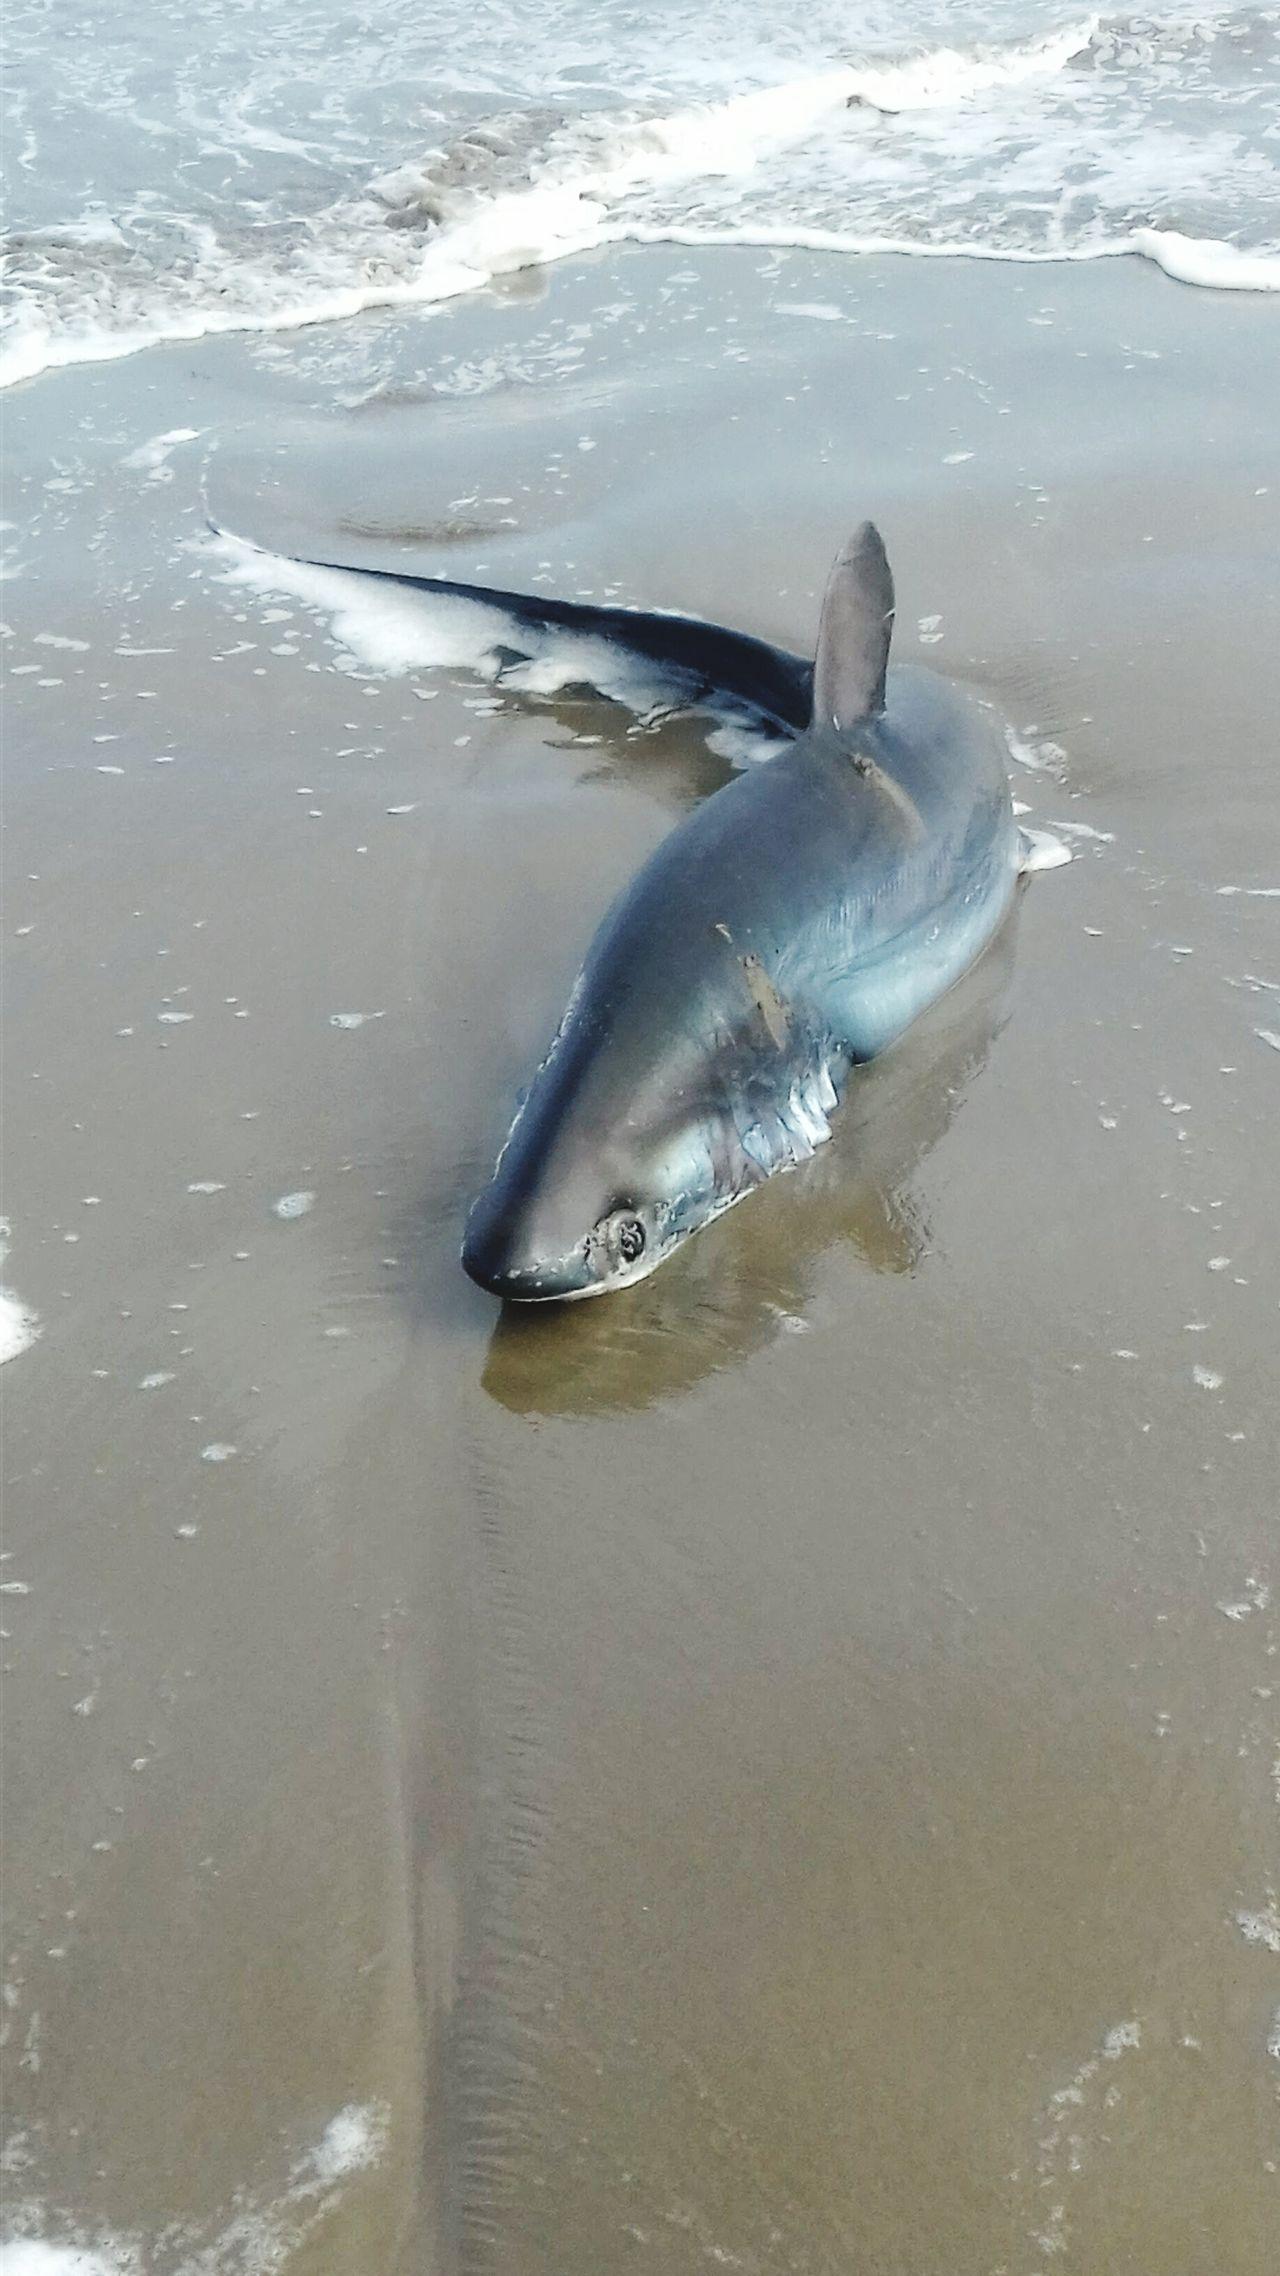 One Animal Day Sea Shark Sand & Sea Shark On The Sand